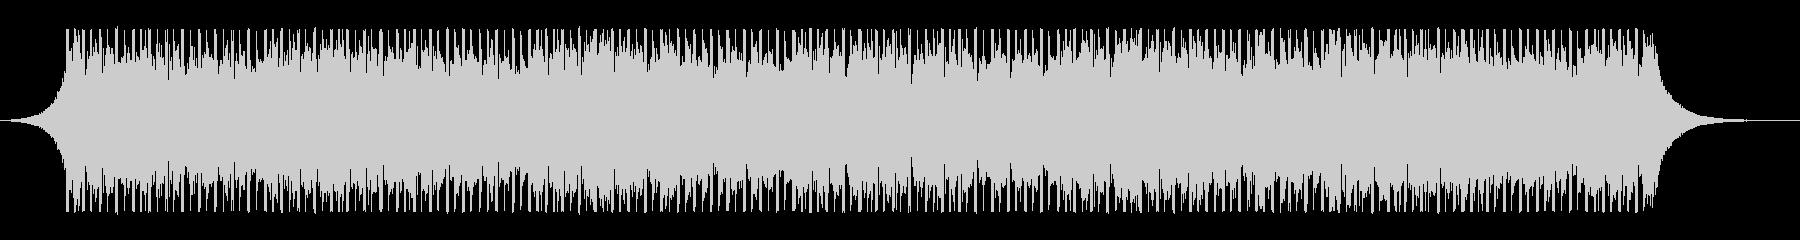 情報を入手する(60秒)の未再生の波形